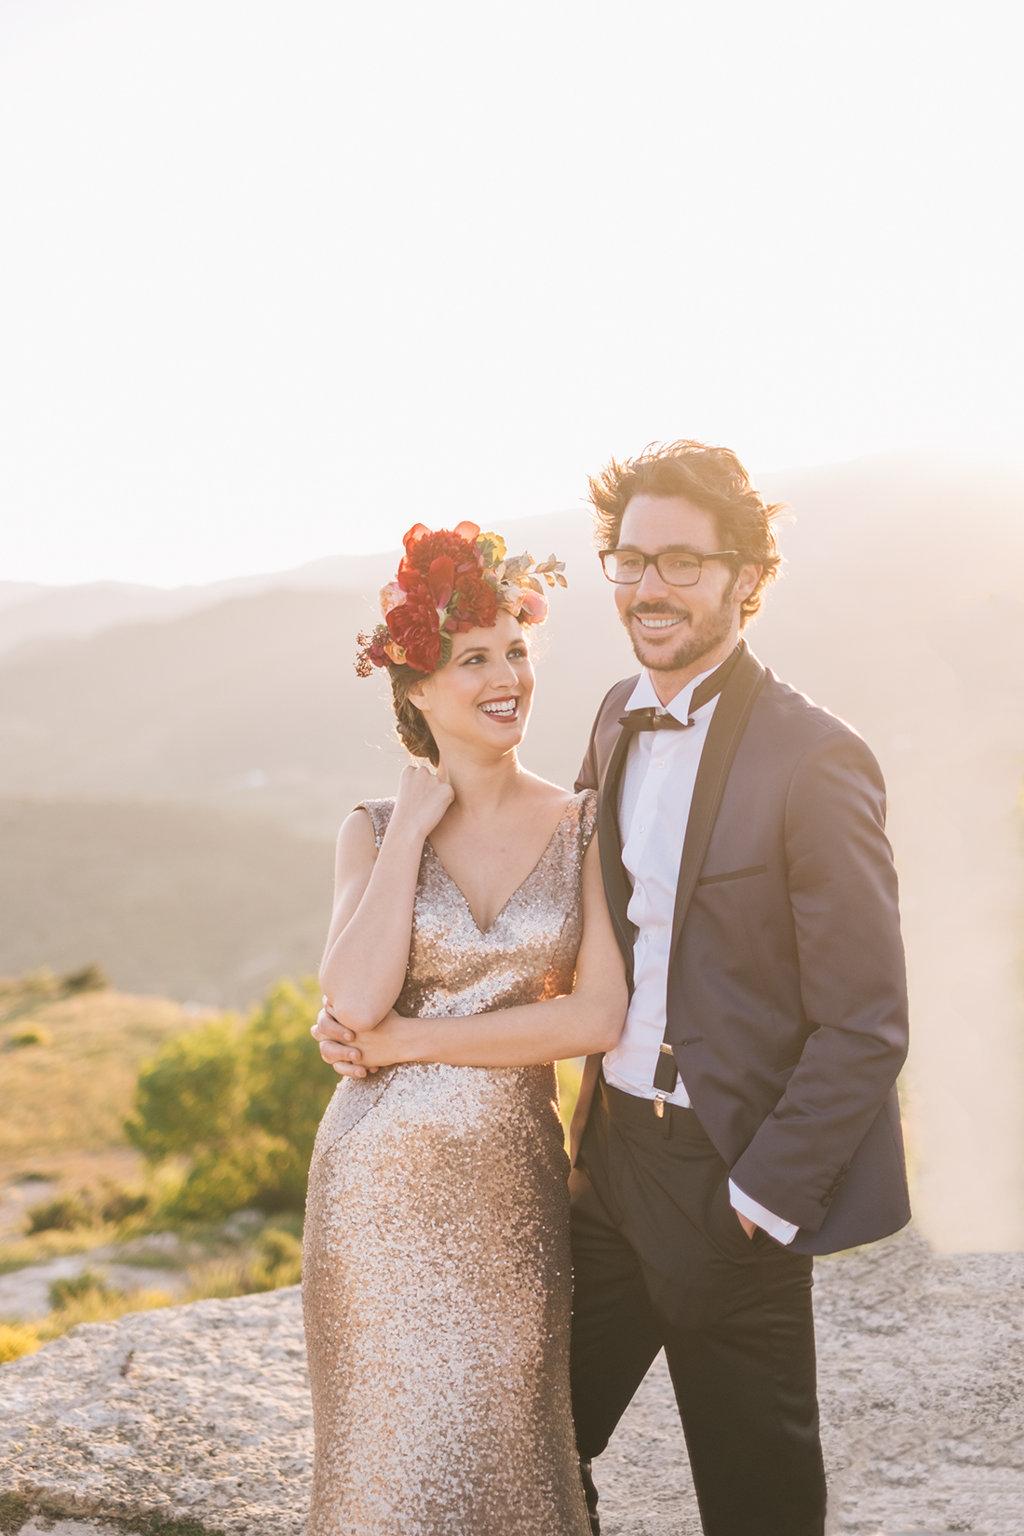 gold love editorial quiero una boda perfecta _DSF4194